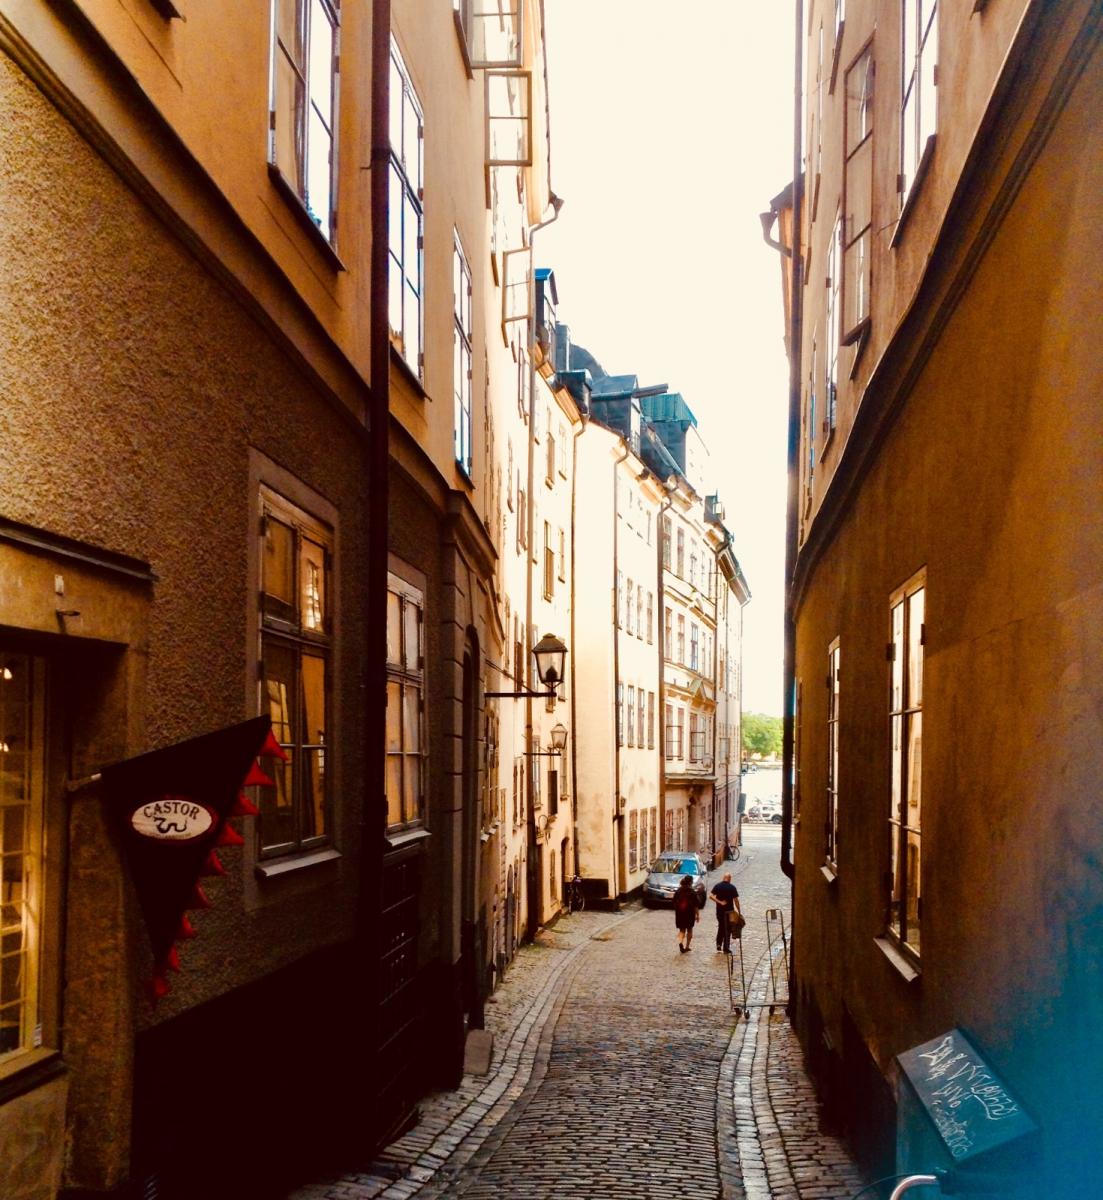 《摄影》老城旧影-斯德哥尔摩_图1-6